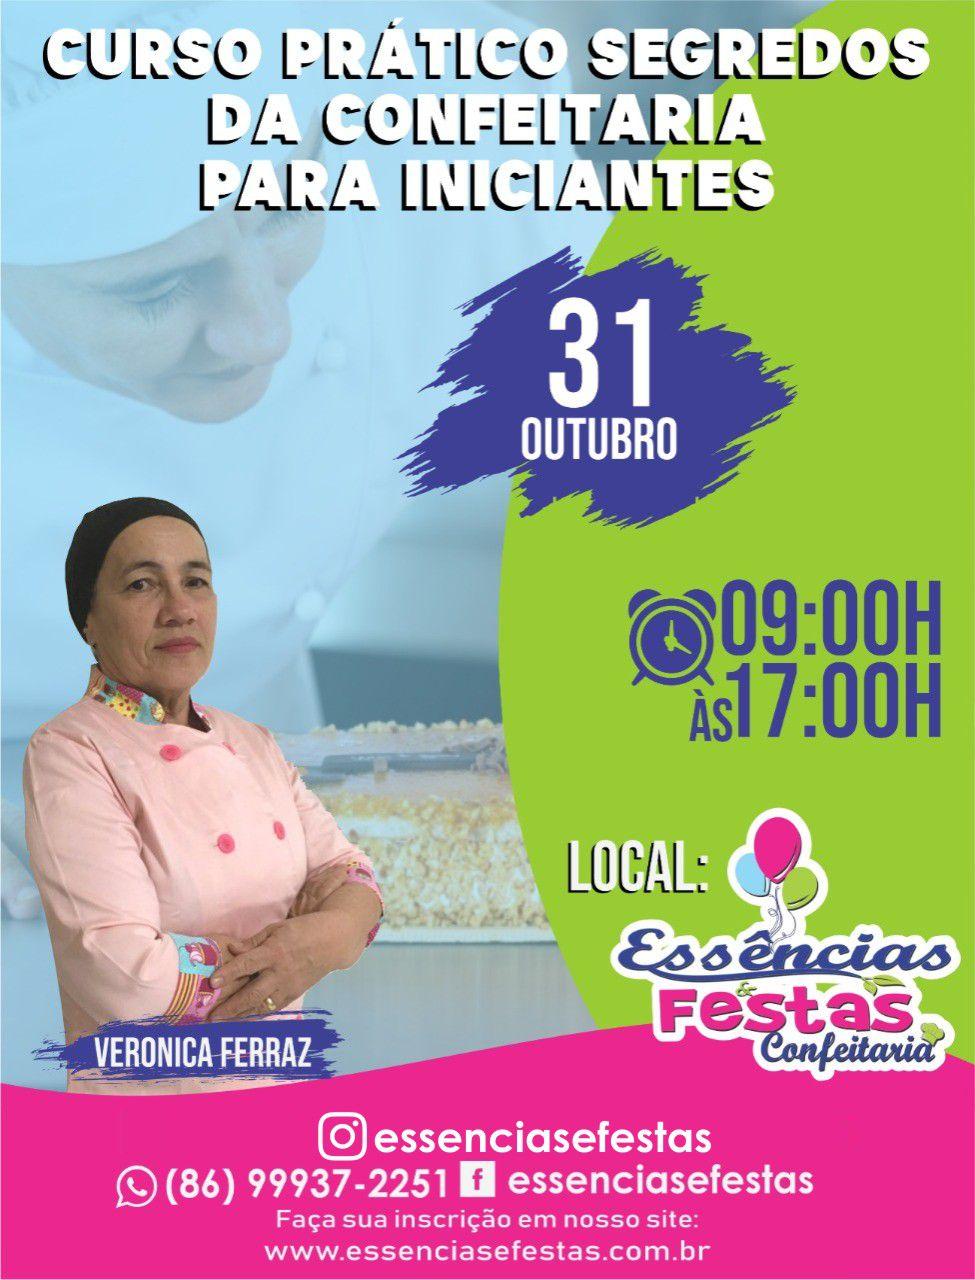 31/10- Curso Prático segredos da confeitaria para iniciantes com Verônica Ferraz das 9h as 17h